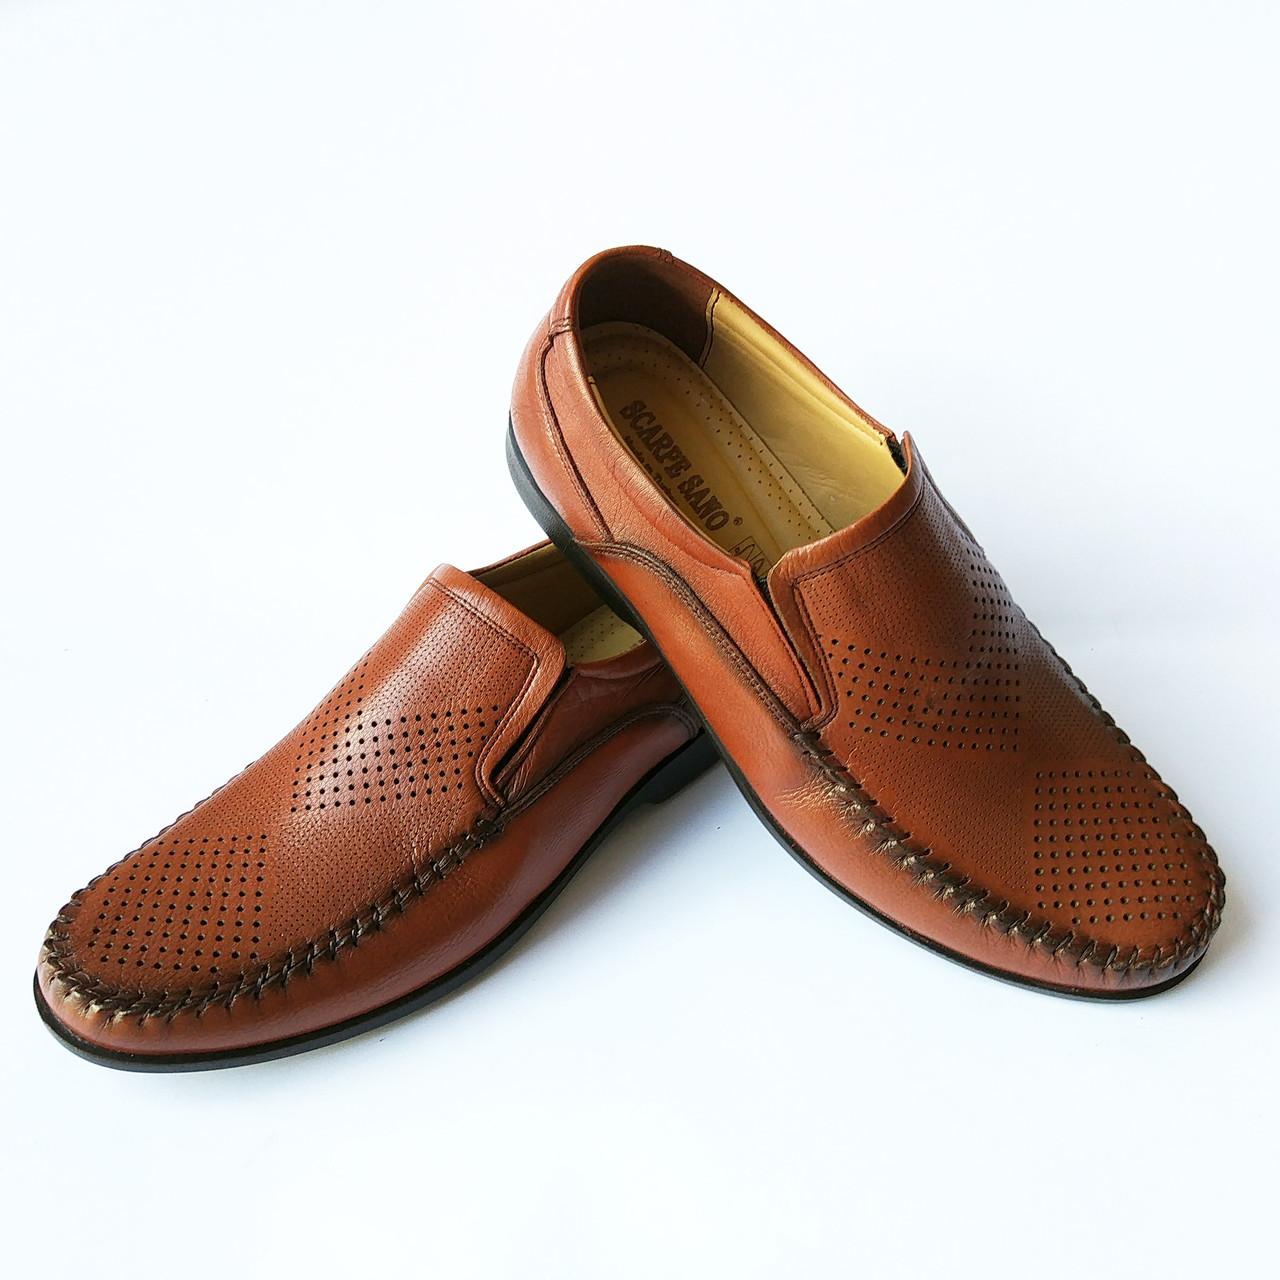 Летняя турецкая мужская обувь   кожане мокасины, коричневого цвета, недорого  - Интернет-магазин 955c424be91